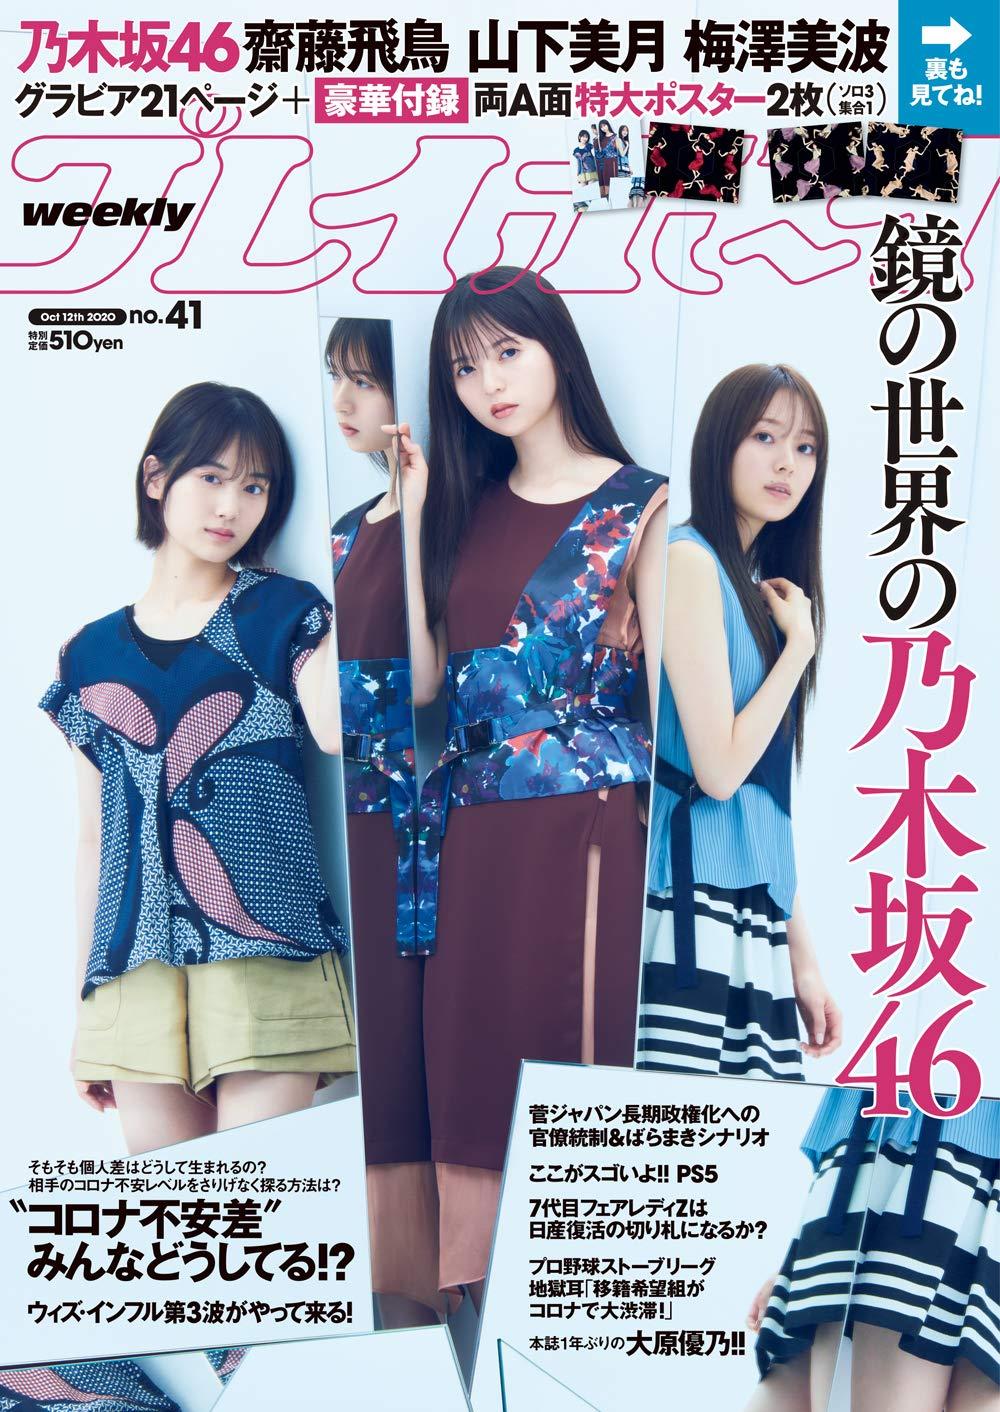 週刊プレイボーイ 2020年10月12日号 乃木坂46 映像研